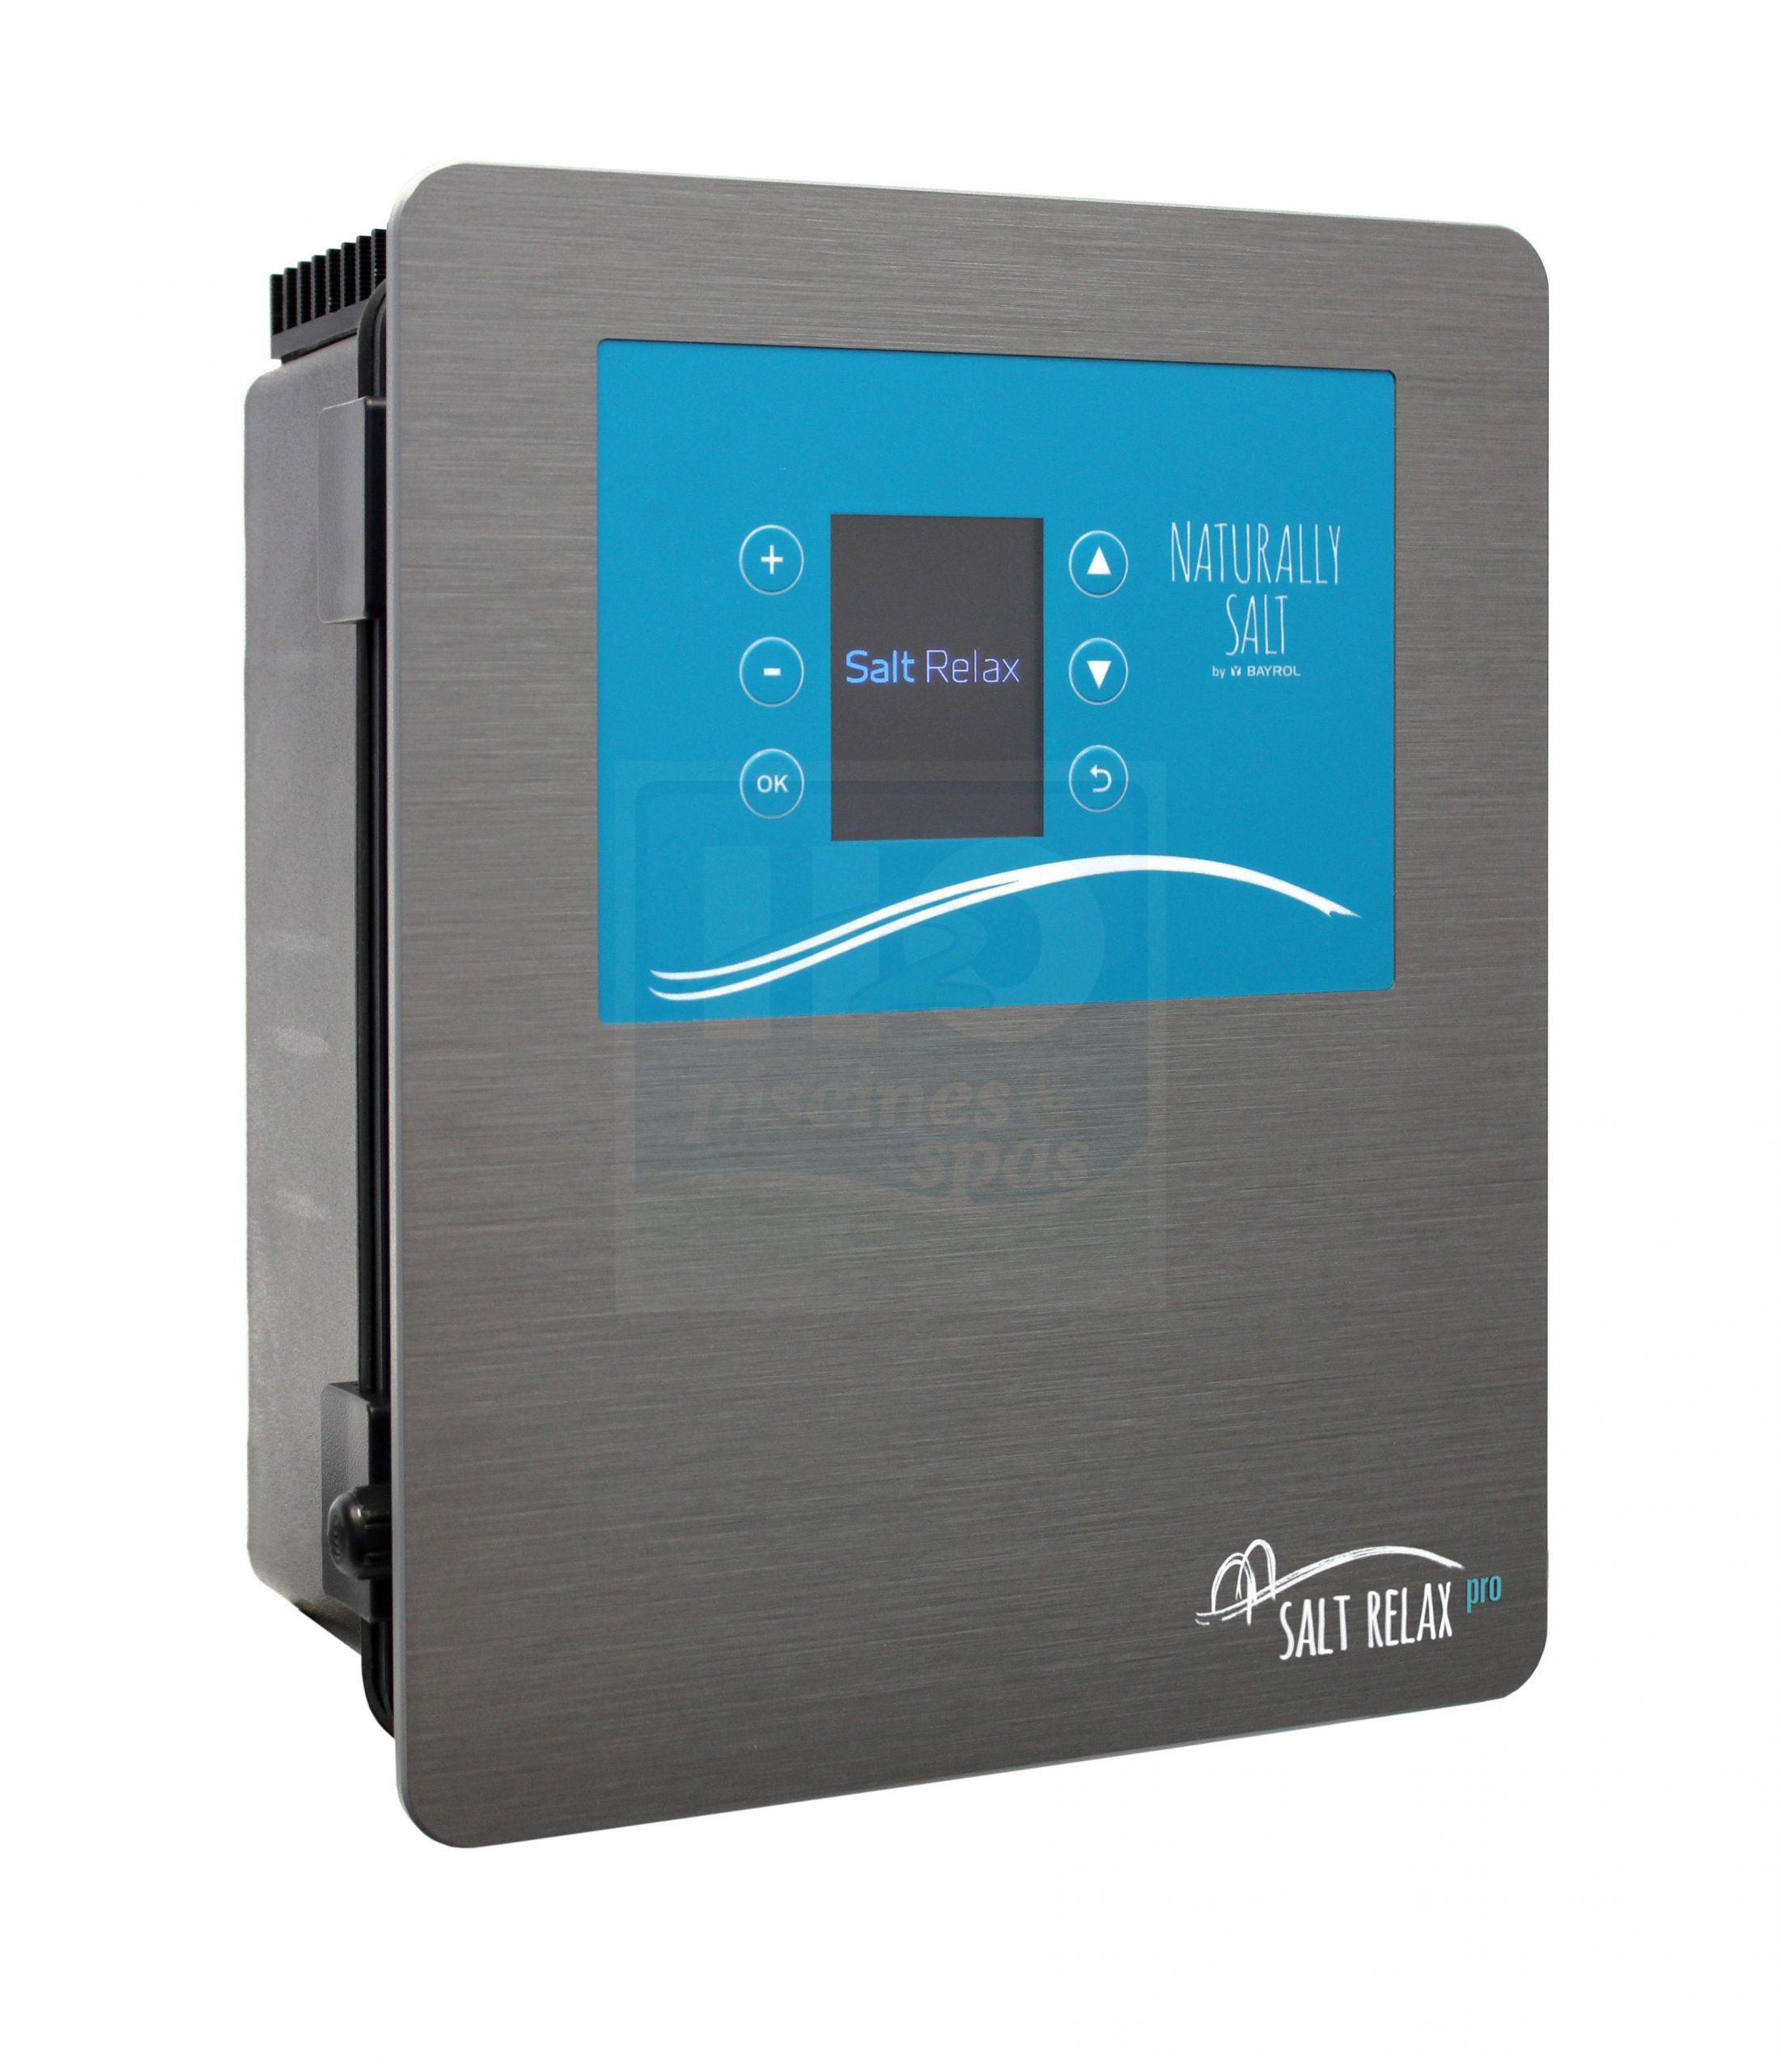 Electrolyseur Au Sel Bayrol Salt Relax Pro Pour Piscine Jusqu'à 70 M3 - H2O  Piscines & Spas serapportantà Electrolyseur Sel Piscine